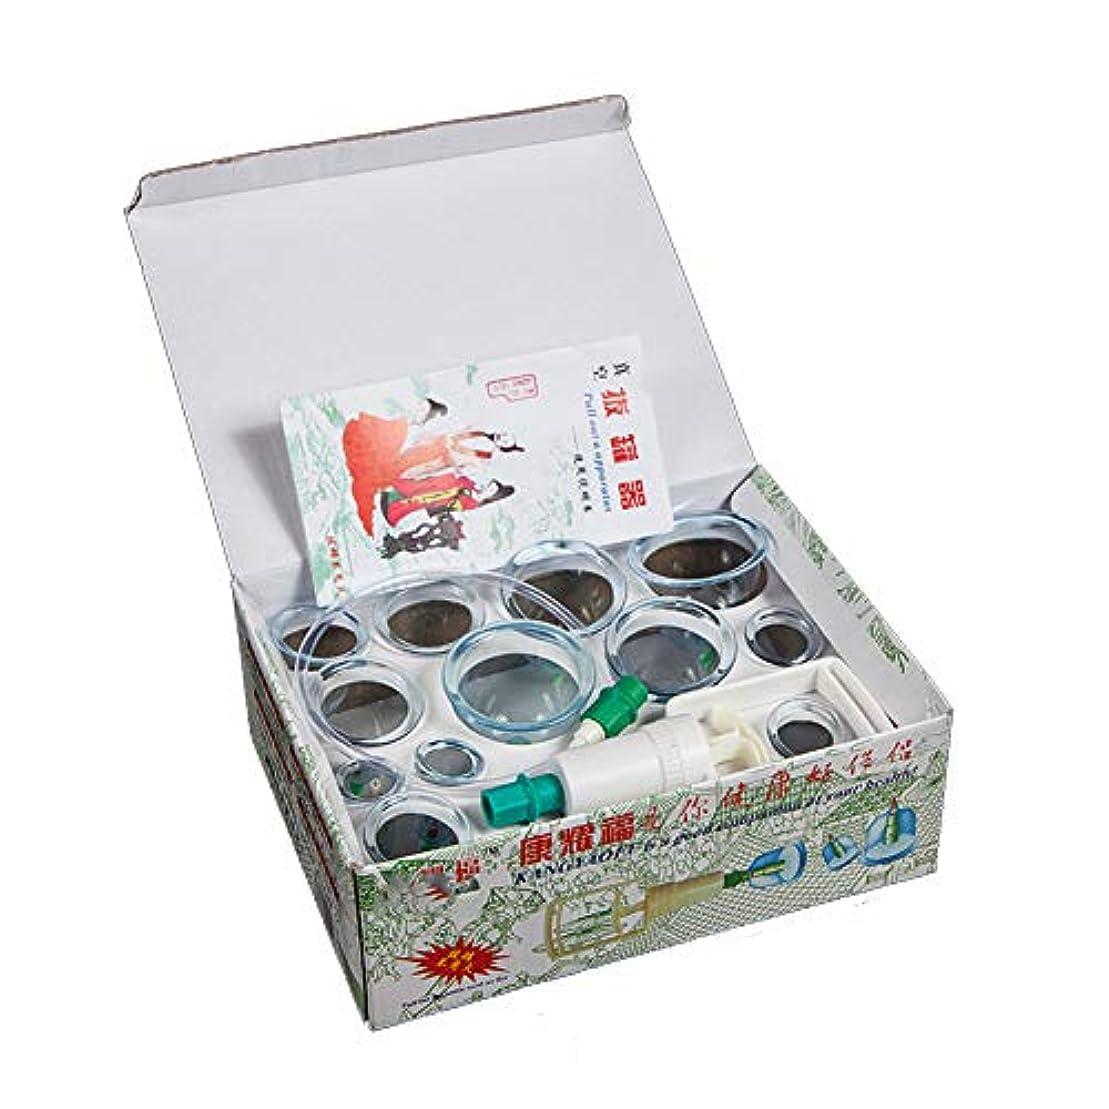 専制流去る12カップカッピングセットプラスチック、真空吸引生体磁気中国ツボ療法、ポンプ付きの家、ボディマッサージ痛み緩和理学療法排泄毒素